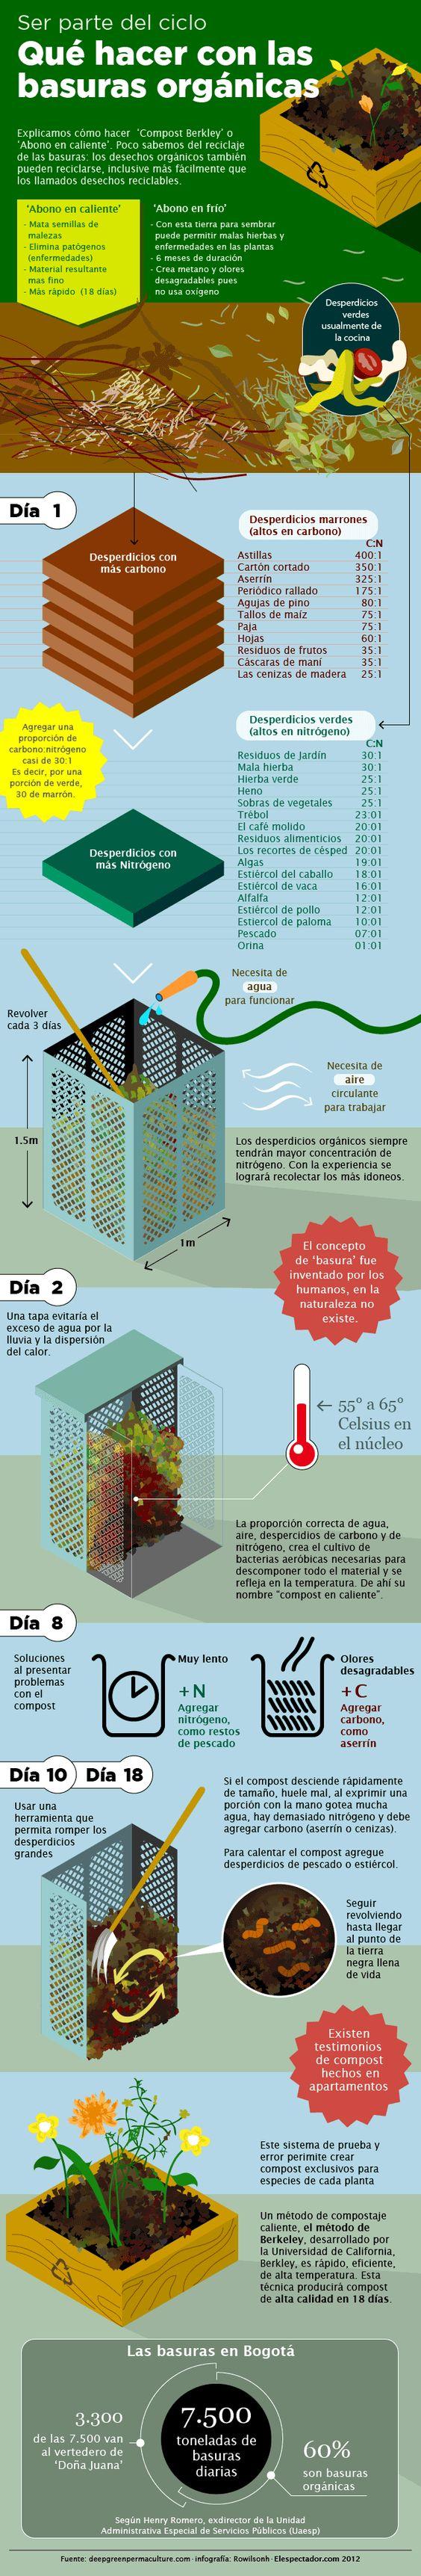 #ECOlogica   Que hacer con las basuras organicas   #Basuracero   @elespectador @AmbienteBogota @UAESP